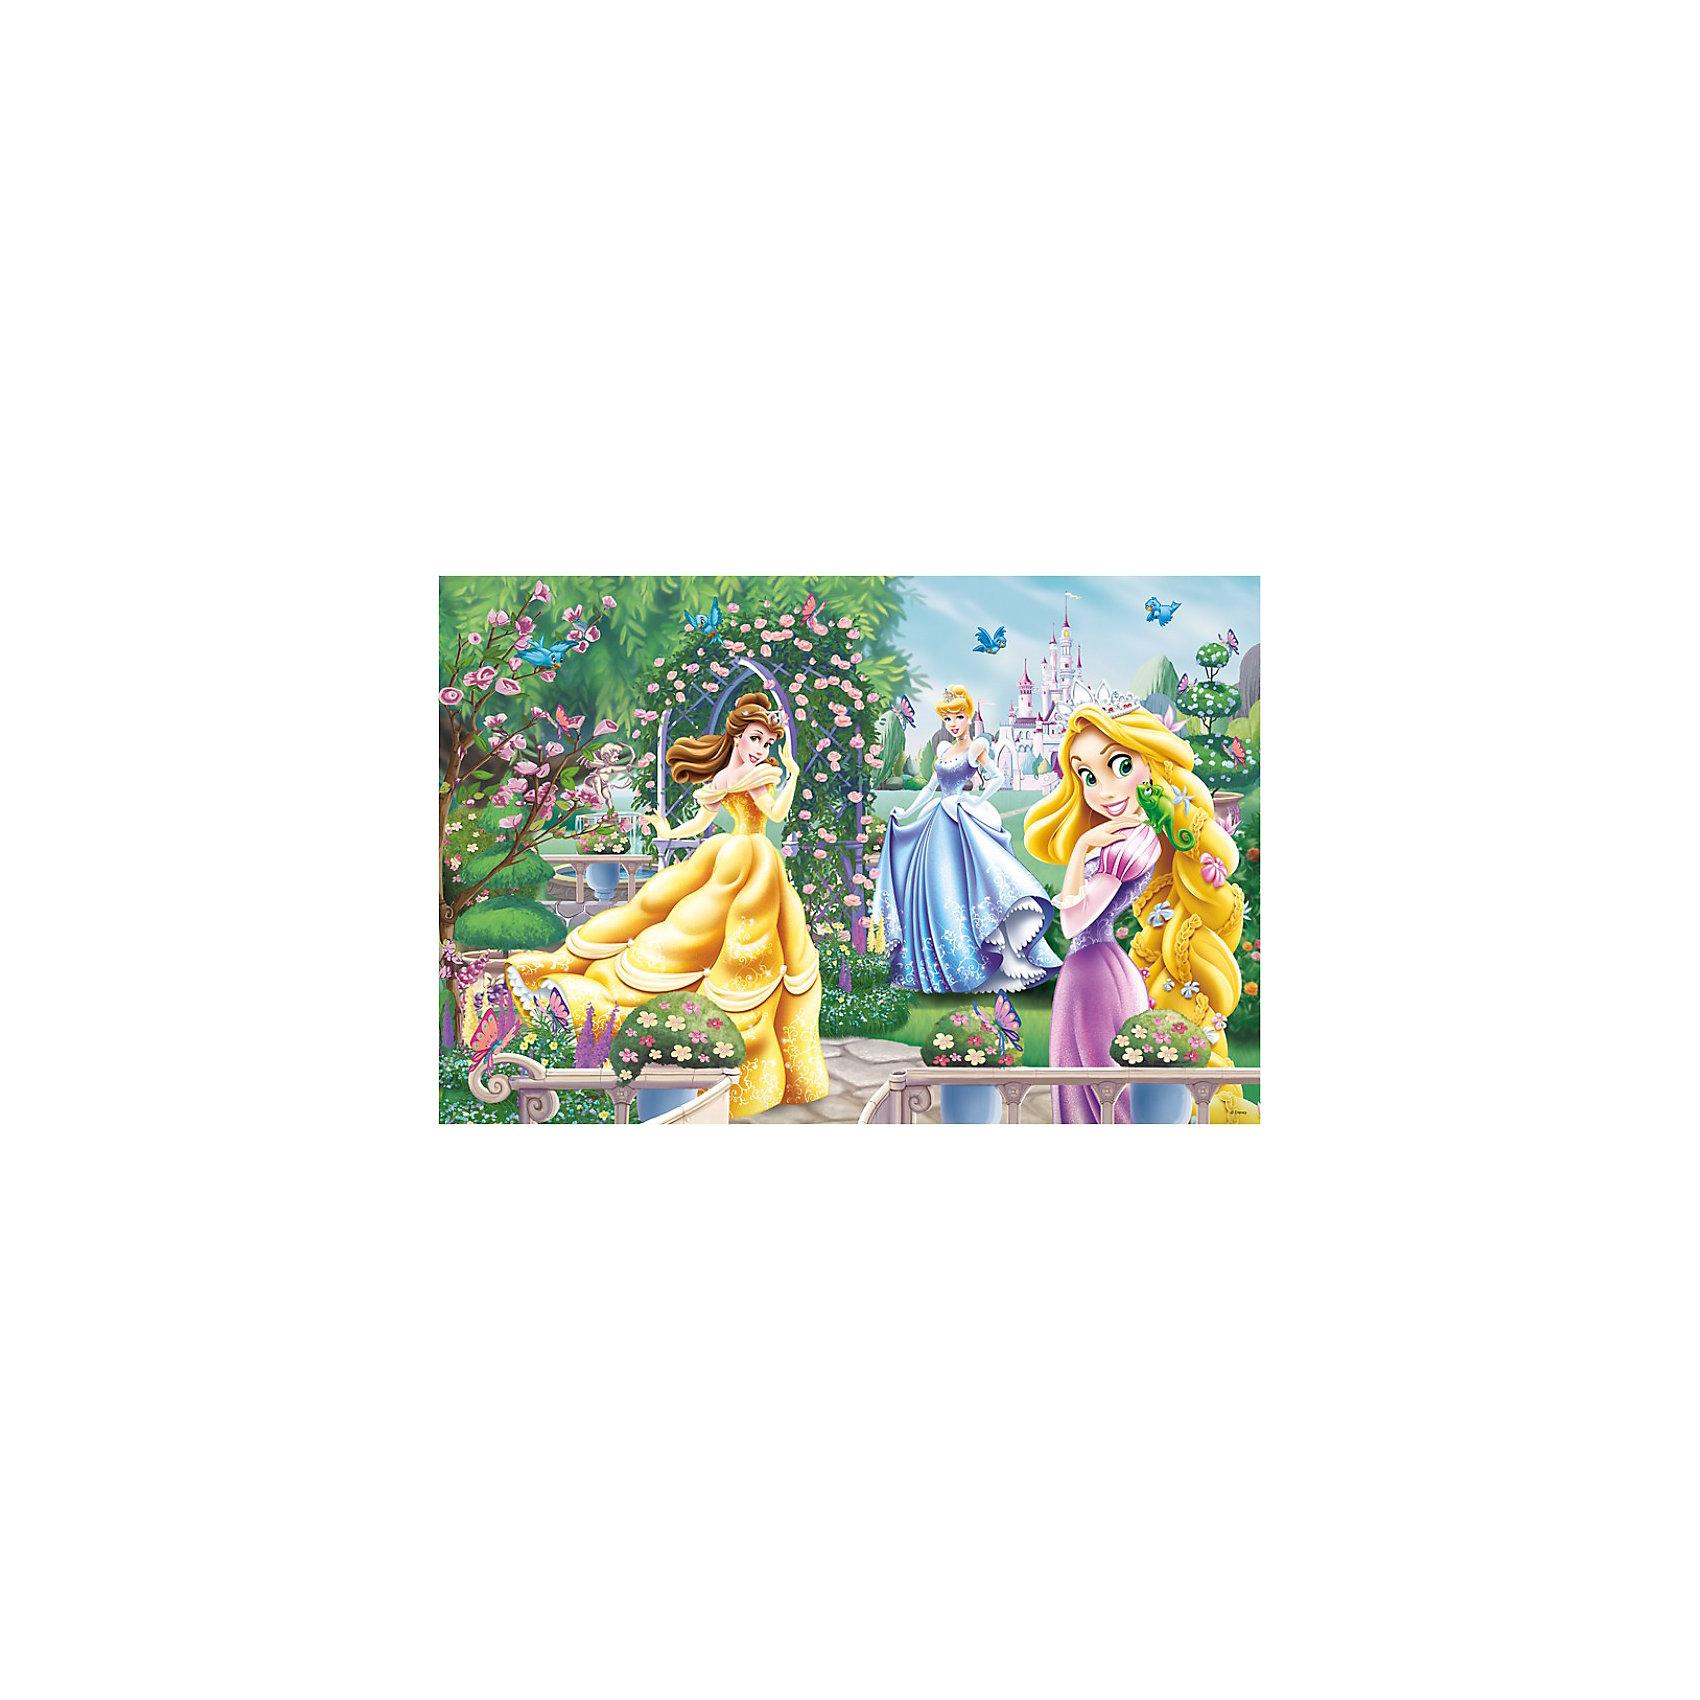 Пазлы «Прогулка перед балом», 260 элементовПазлы для детей постарше<br>Пазл «Прогулка перед балом» - это история трех очаровательных диснеевских принцесс Белль, Золушки и Рапунцель от компании Trefl, которая будет чудесным подарком для маленьких леди. <br>Компания Trefl хорошо зарекомендовала себя на международном рынке детских игрушек. Пазлы этого бренда выполнены из качественных материалов, не токсичны, противоаллергенны и соответствуют всем стандартам.<br>Количество элементов: 260 шт.<br>Размер картинки: 60х40 см.<br>Для детей от 5 лет.<br><br>Ширина мм: 400<br>Глубина мм: 271<br>Высота мм: 50<br>Вес г: 595<br>Возраст от месяцев: 96<br>Возраст до месяцев: 132<br>Пол: Женский<br>Возраст: Детский<br>Количество деталей: 260<br>SKU: 3705622